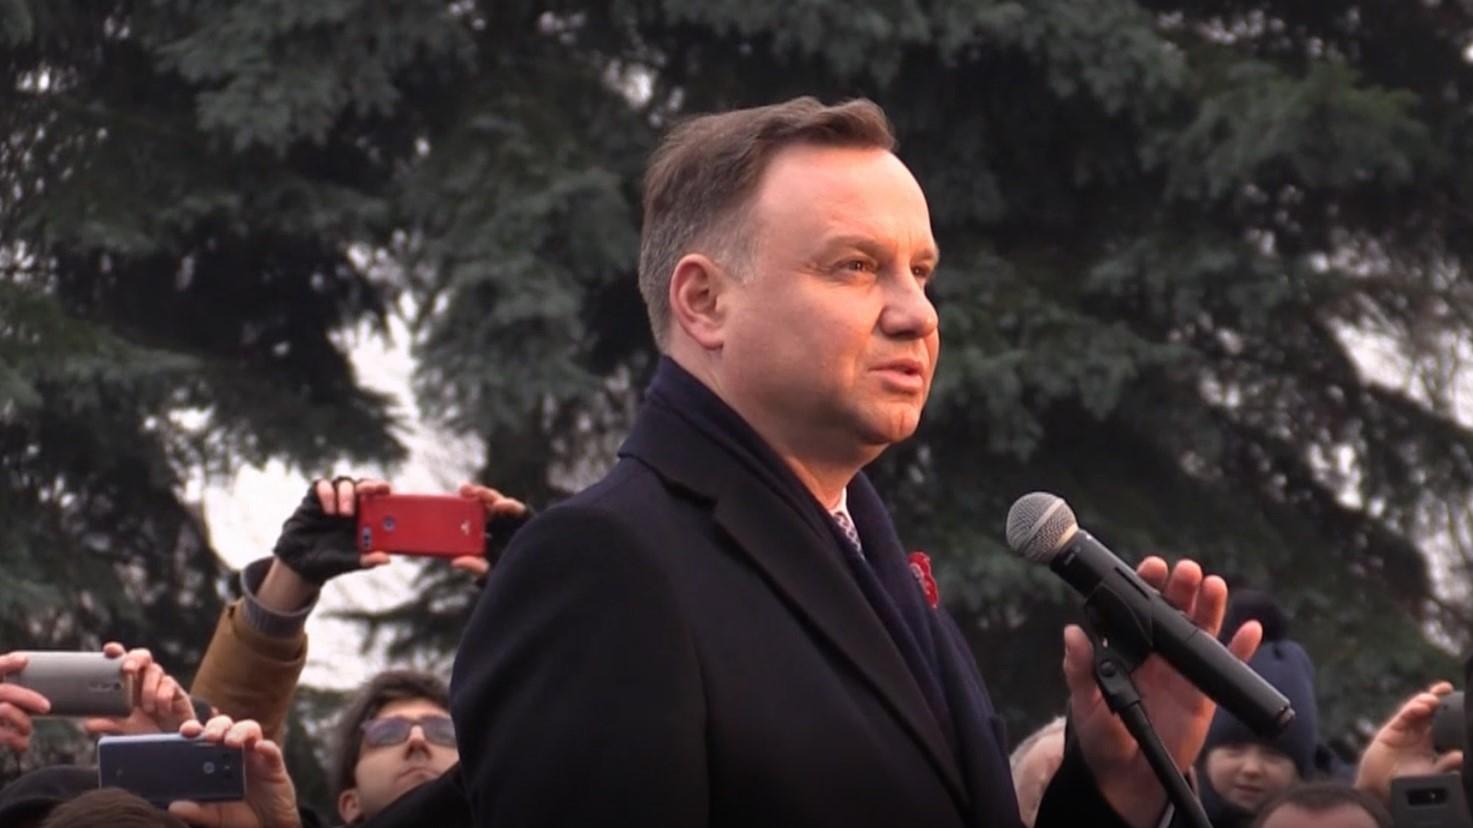 prezydent andrzej duda w mosinie  - Łukasz Kasprowicz